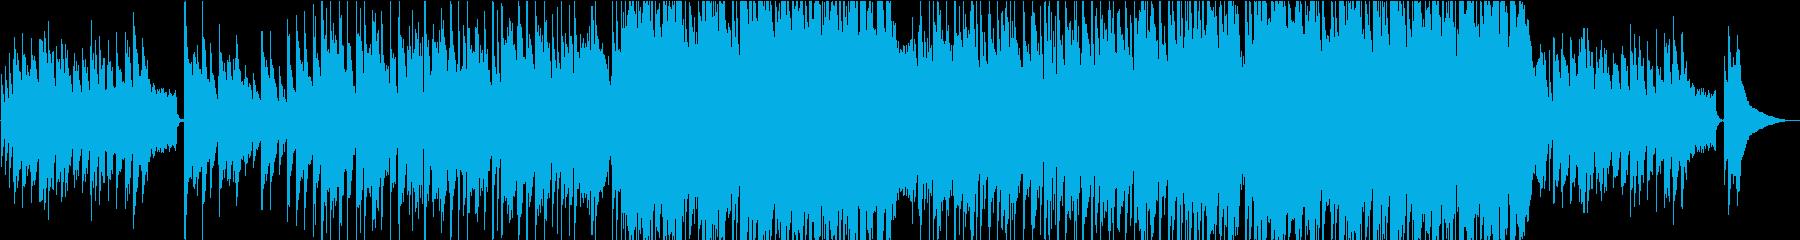 菅田将暉 さんの『虹』風の優しいバラードの再生済みの波形